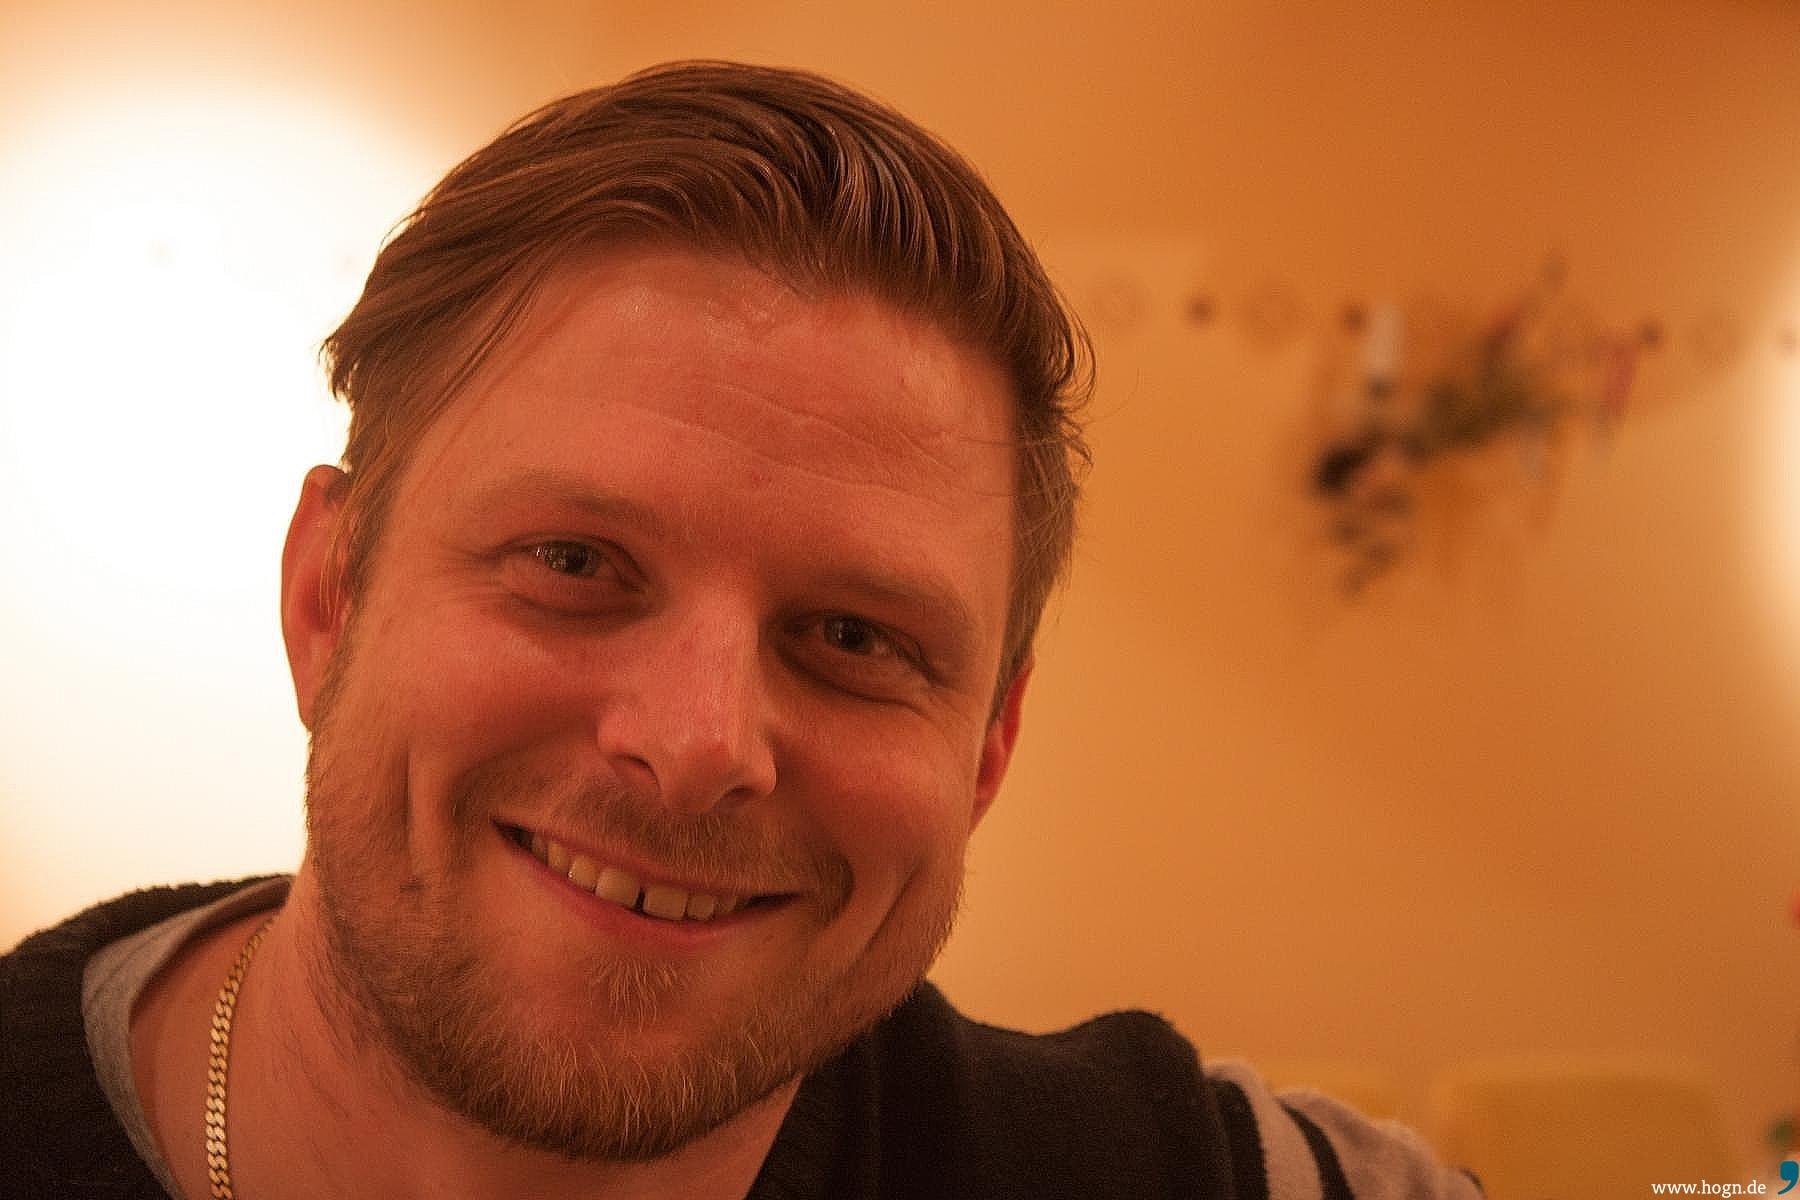 Stephan Hörhammer, 33, Freyung